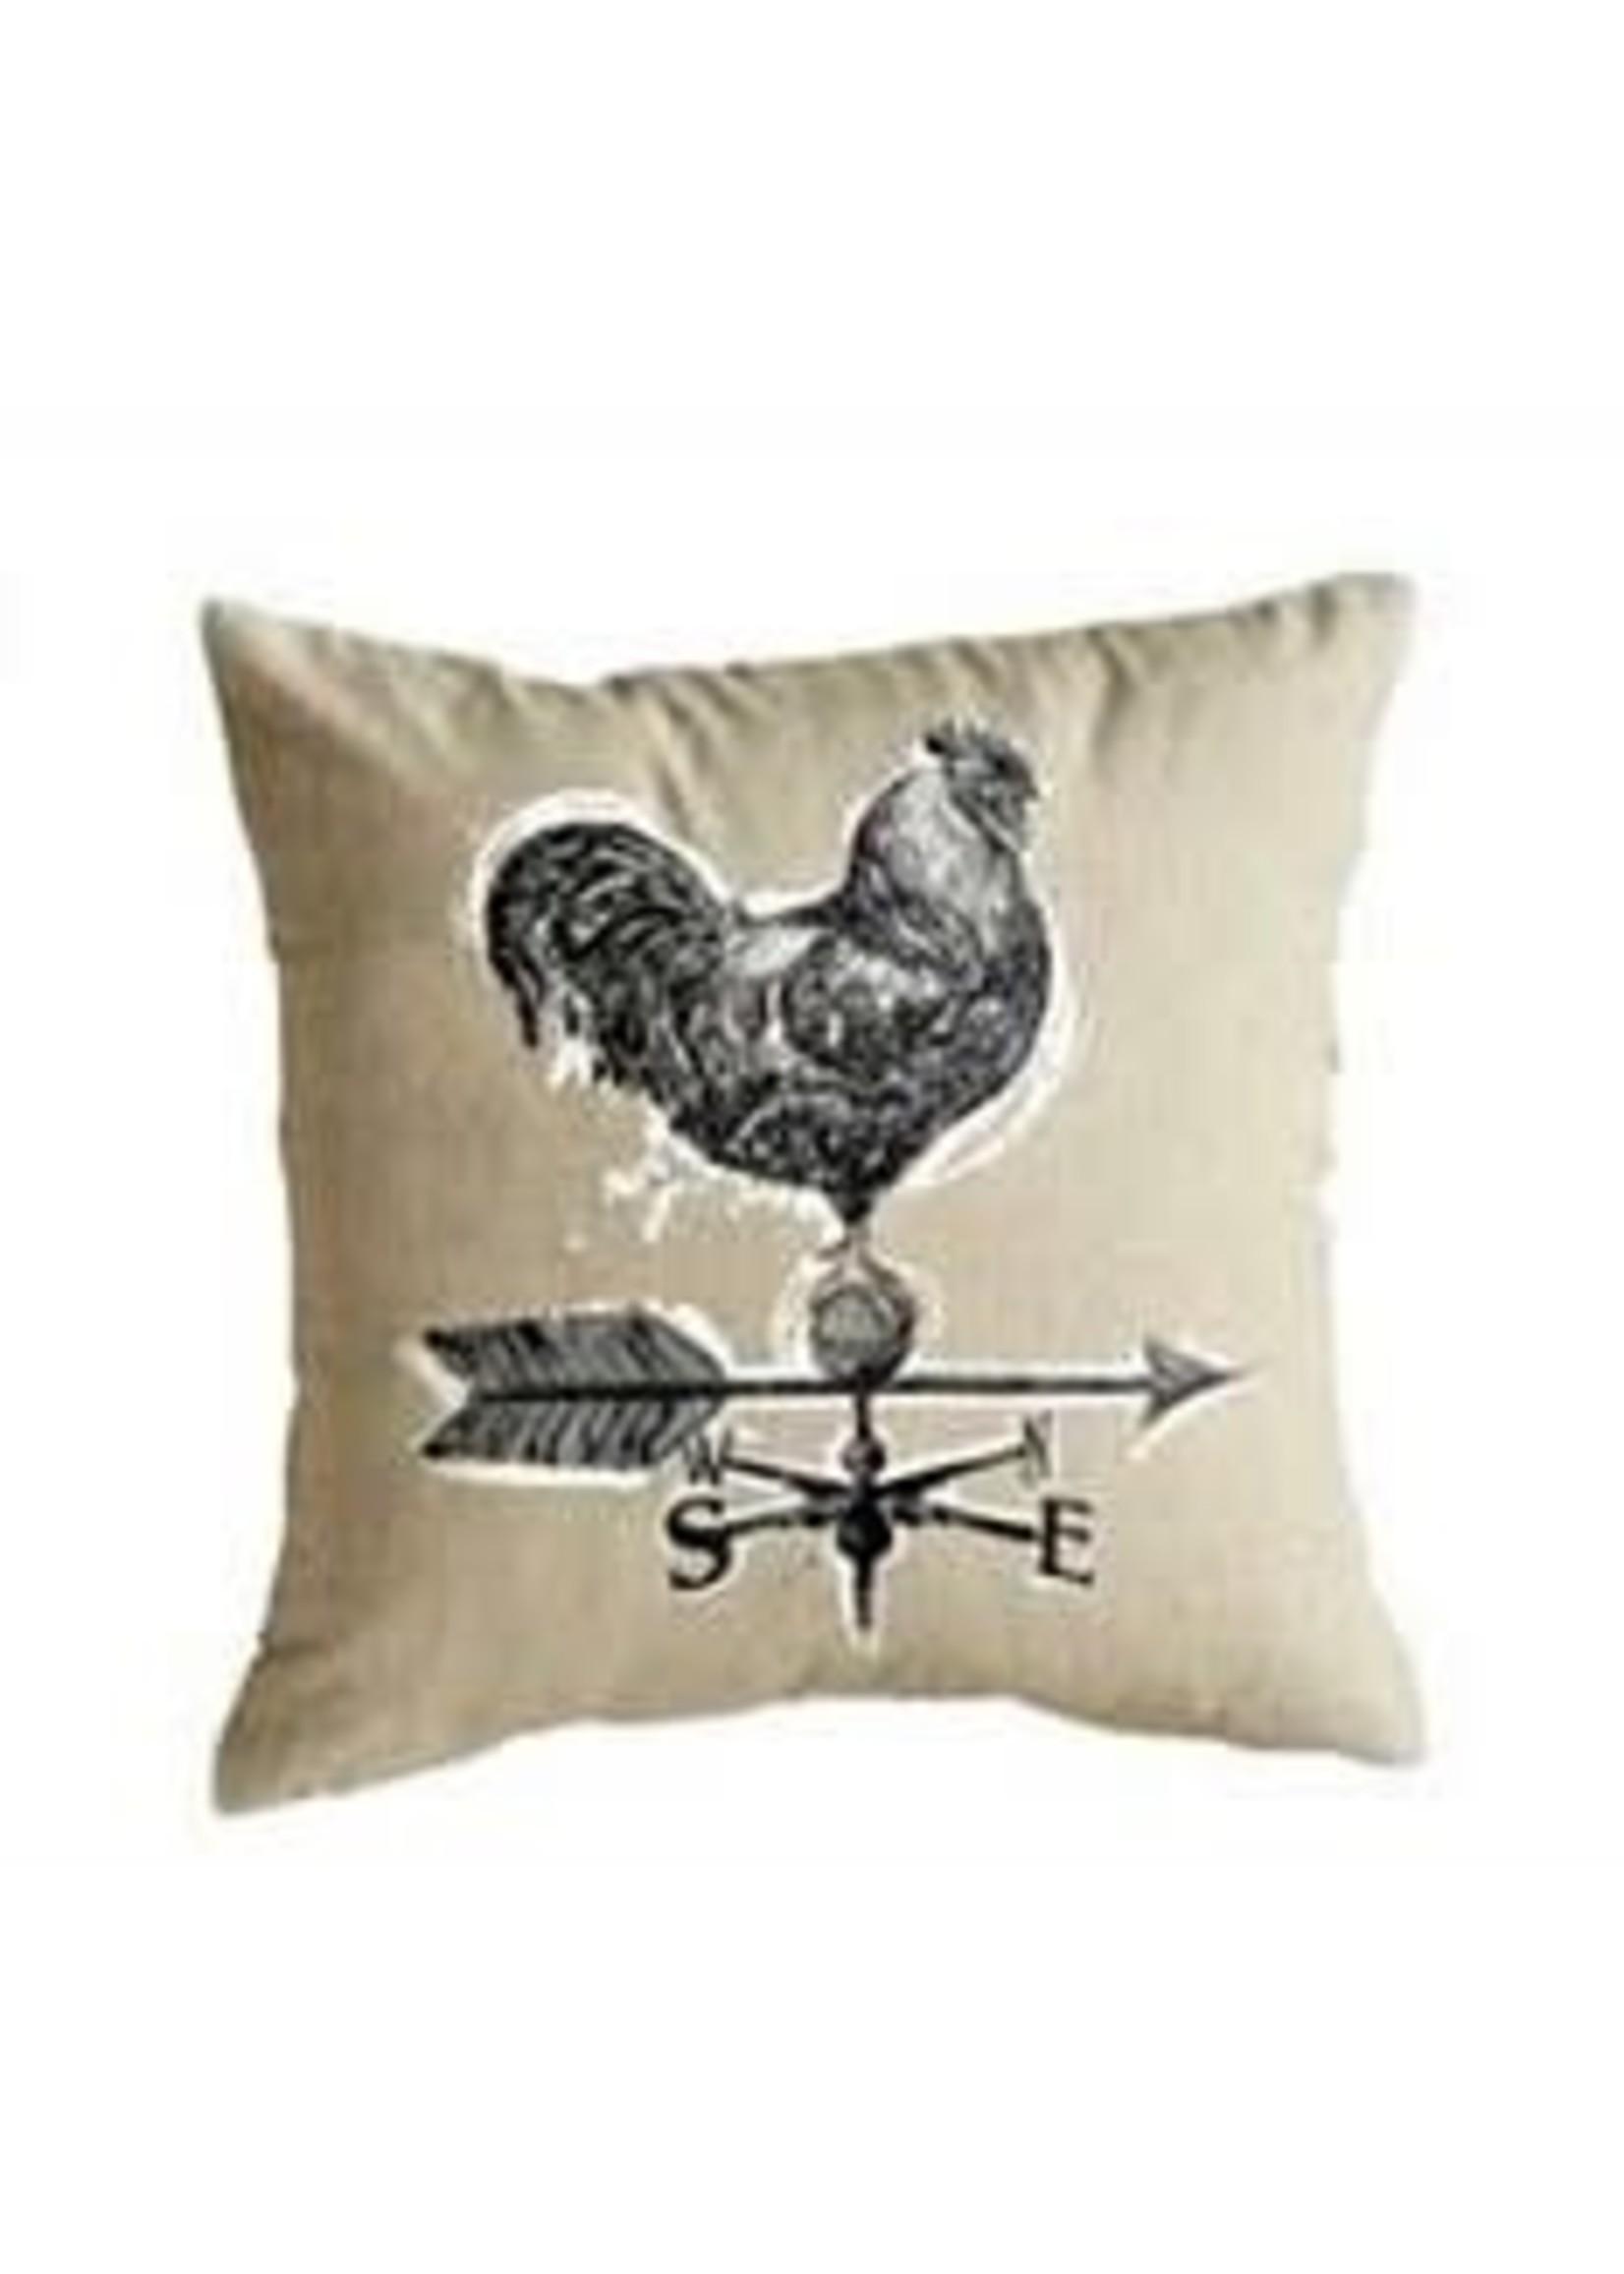 Farm Cotton Pillows